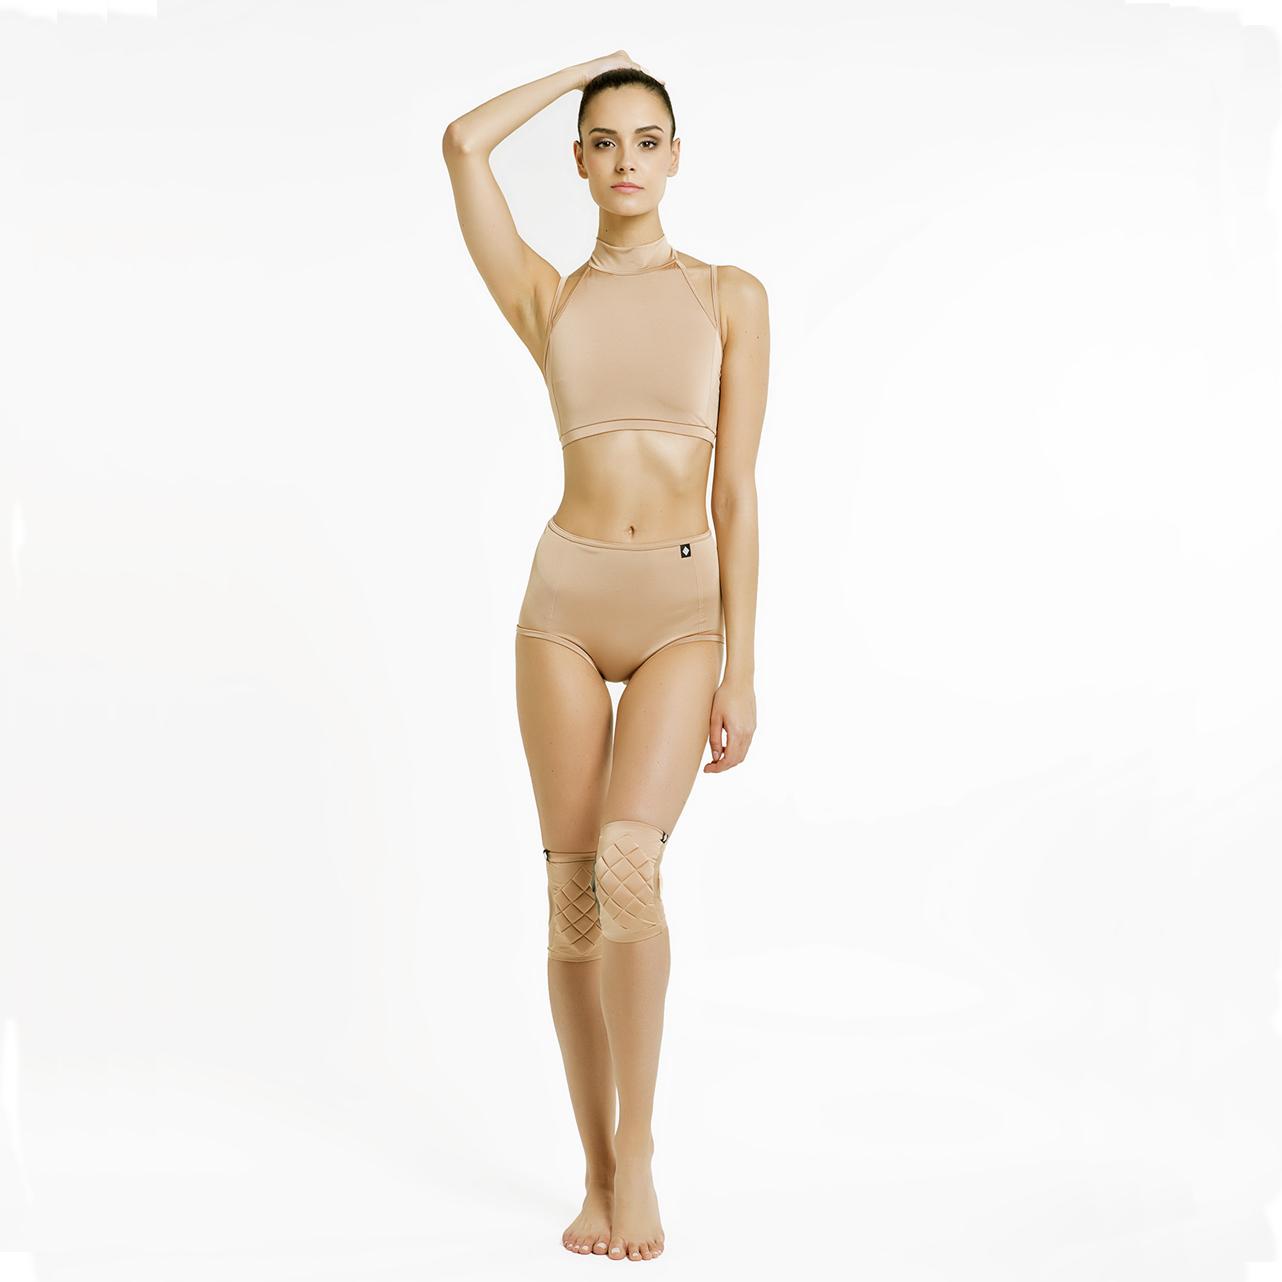 Poledancerka-nude-set.jpg